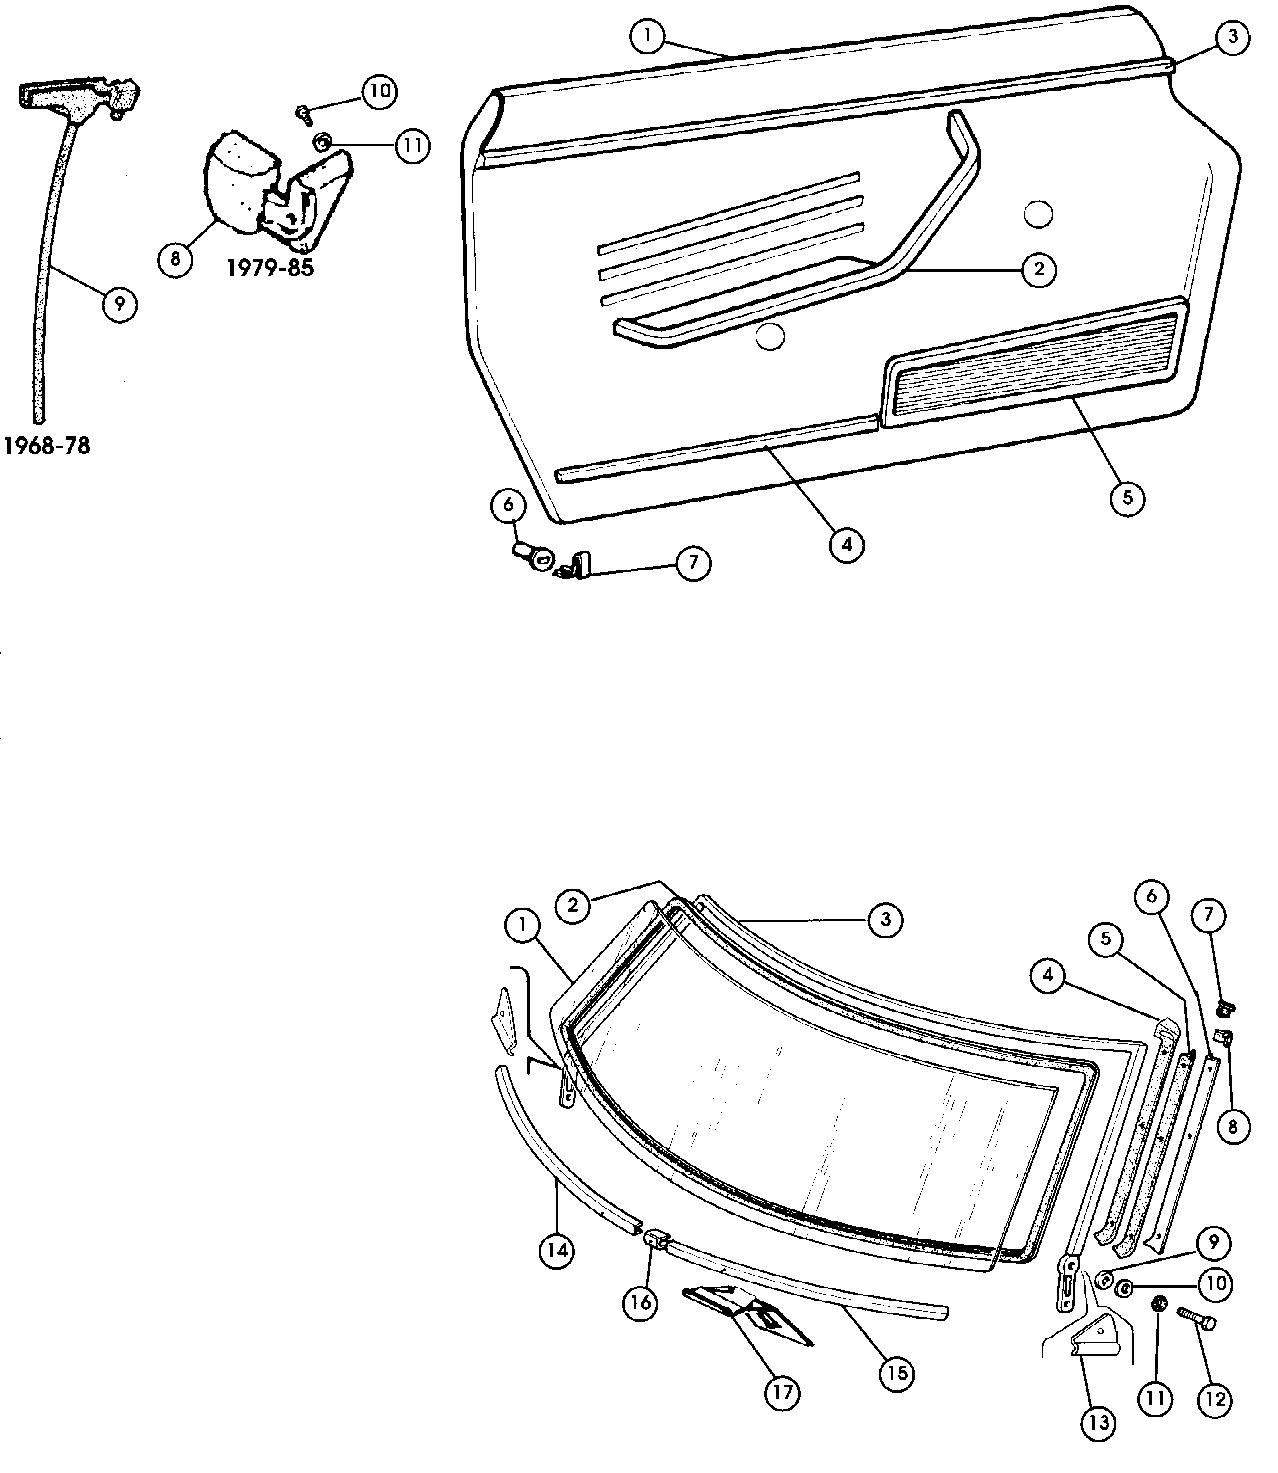 1977 fiat 124 spider wiring diagram  fiat  auto wiring diagram